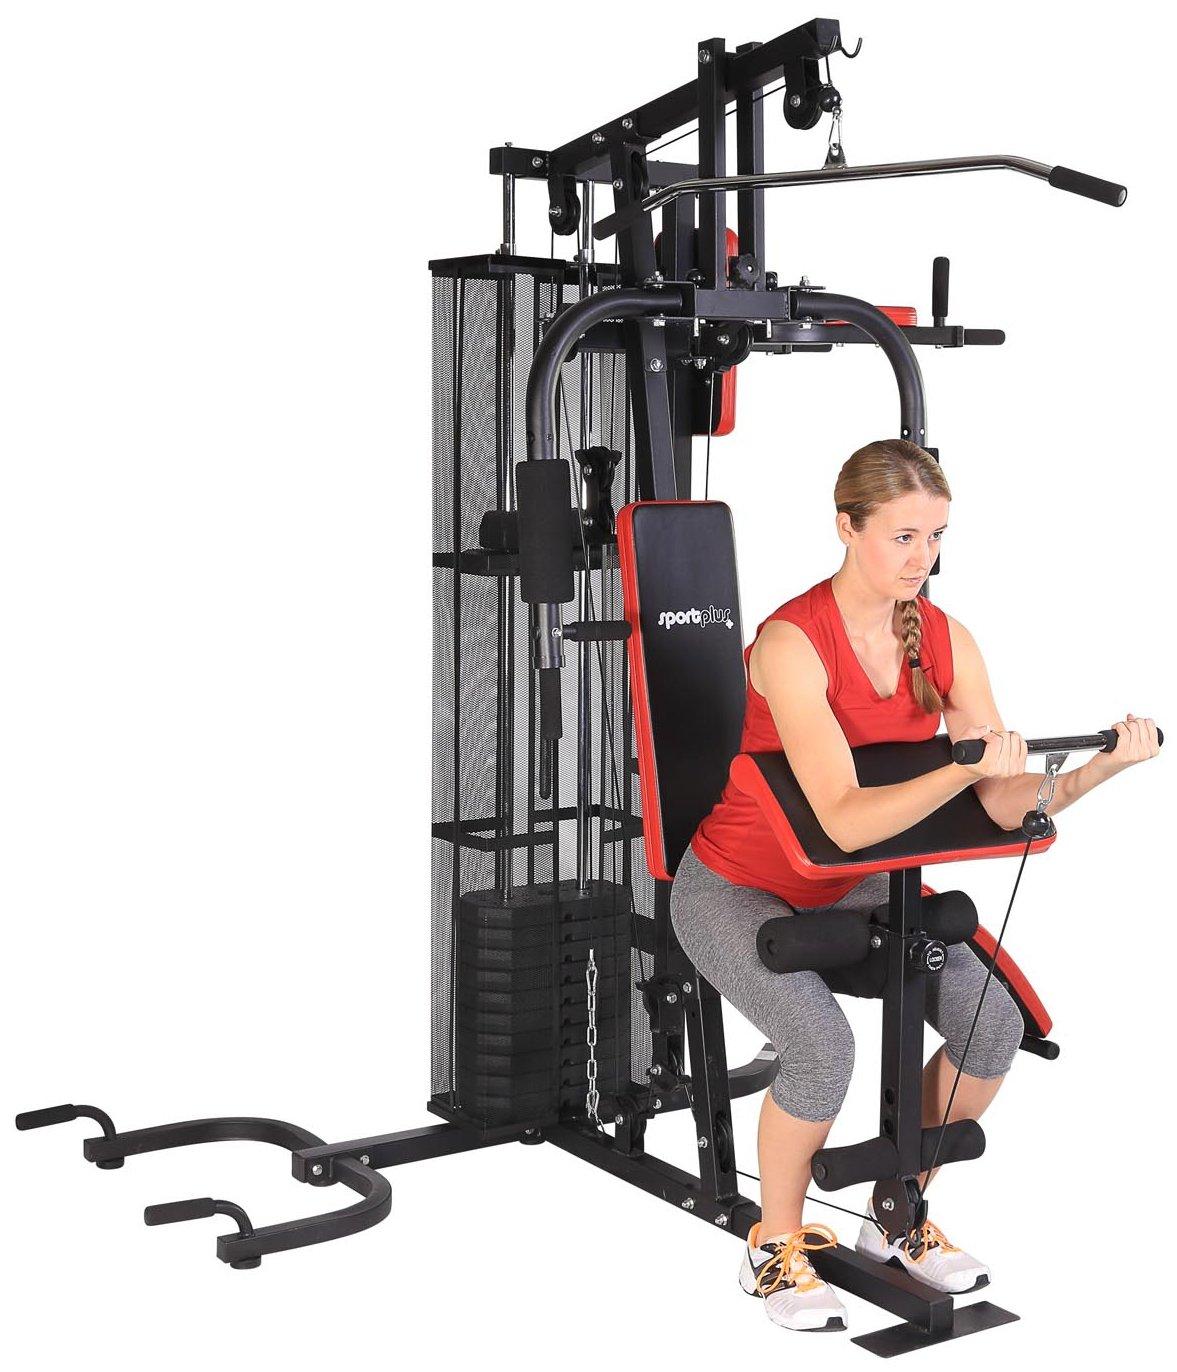 SportPlus Multiestación de Musculación para el Hogar, Entrenamiento Funcional con Pesas para Todo el Cuerpo con Instrucciones de Montaje y Ejemplos de ...